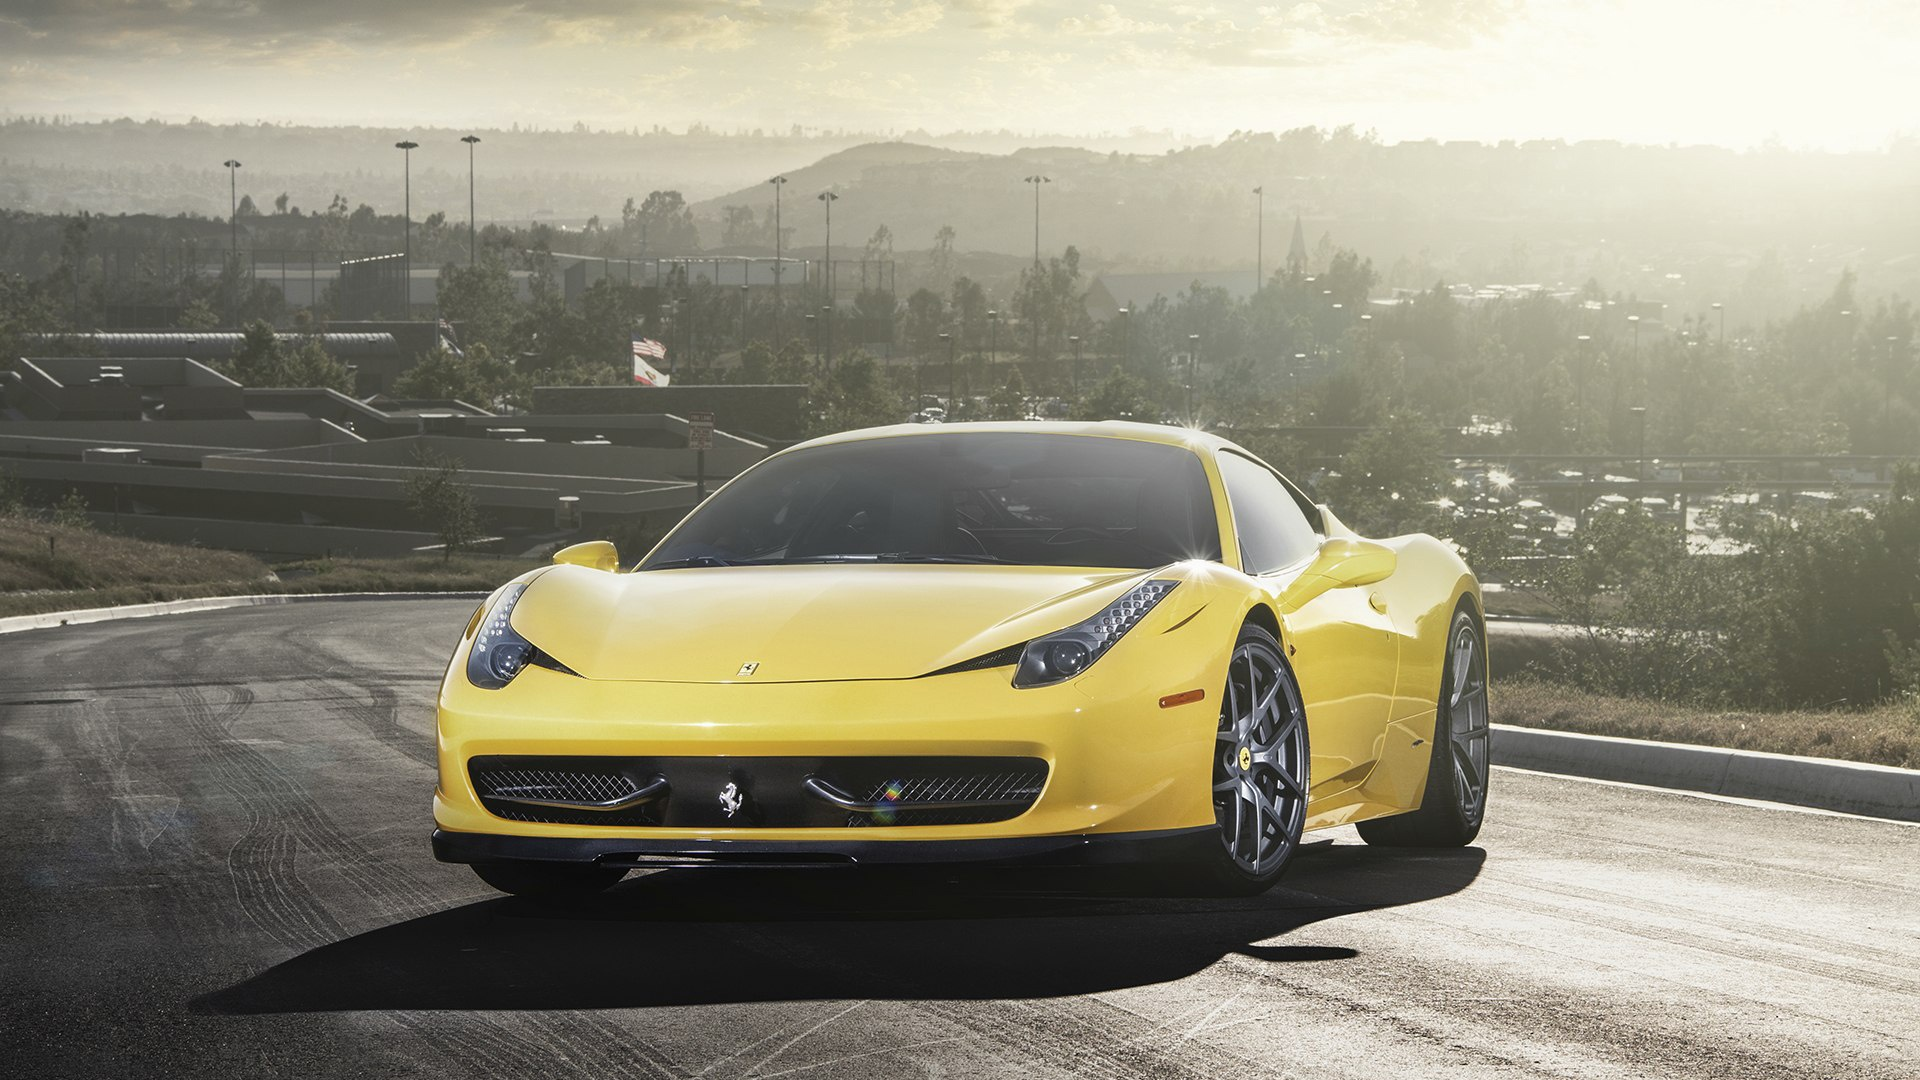 Ferrari Italia 458 >> 56 Fondos de pantalla de Ferrari, Wallpaperrs HD de coches ...